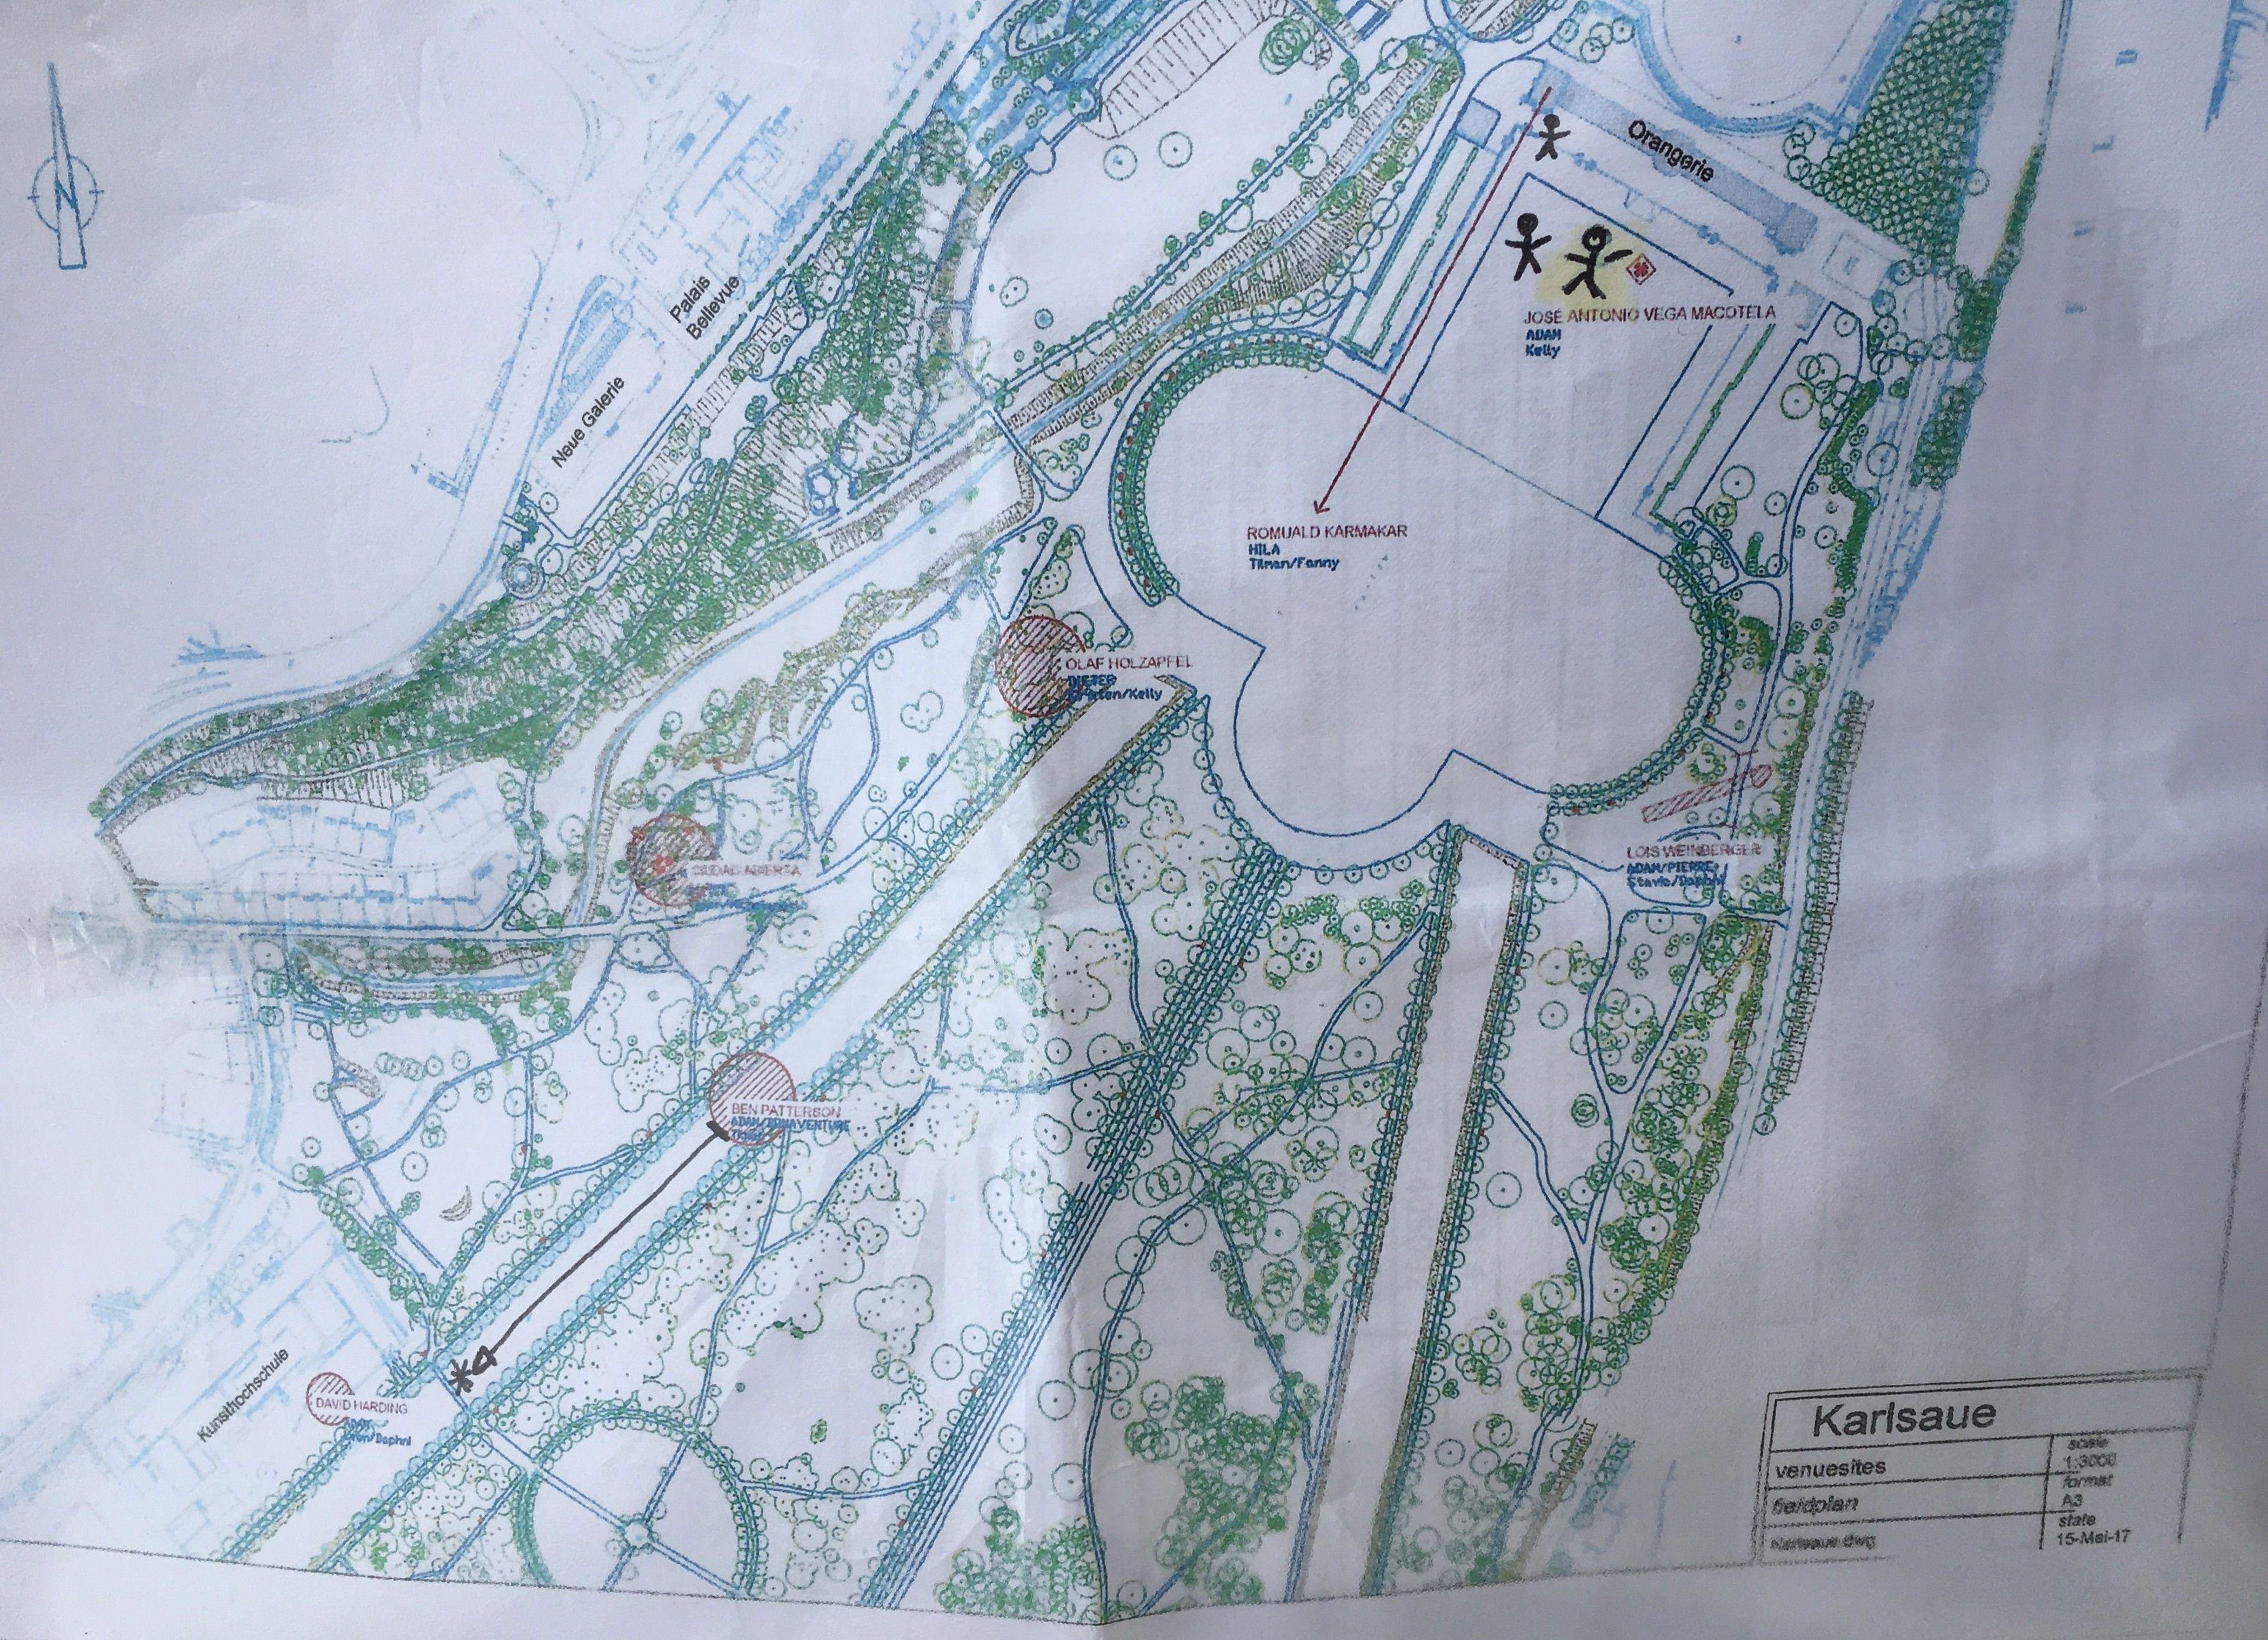 Here S The Map Of Documenta 14 Works In Karlsraue Park In Kassel Artnews Kassel Map It Works